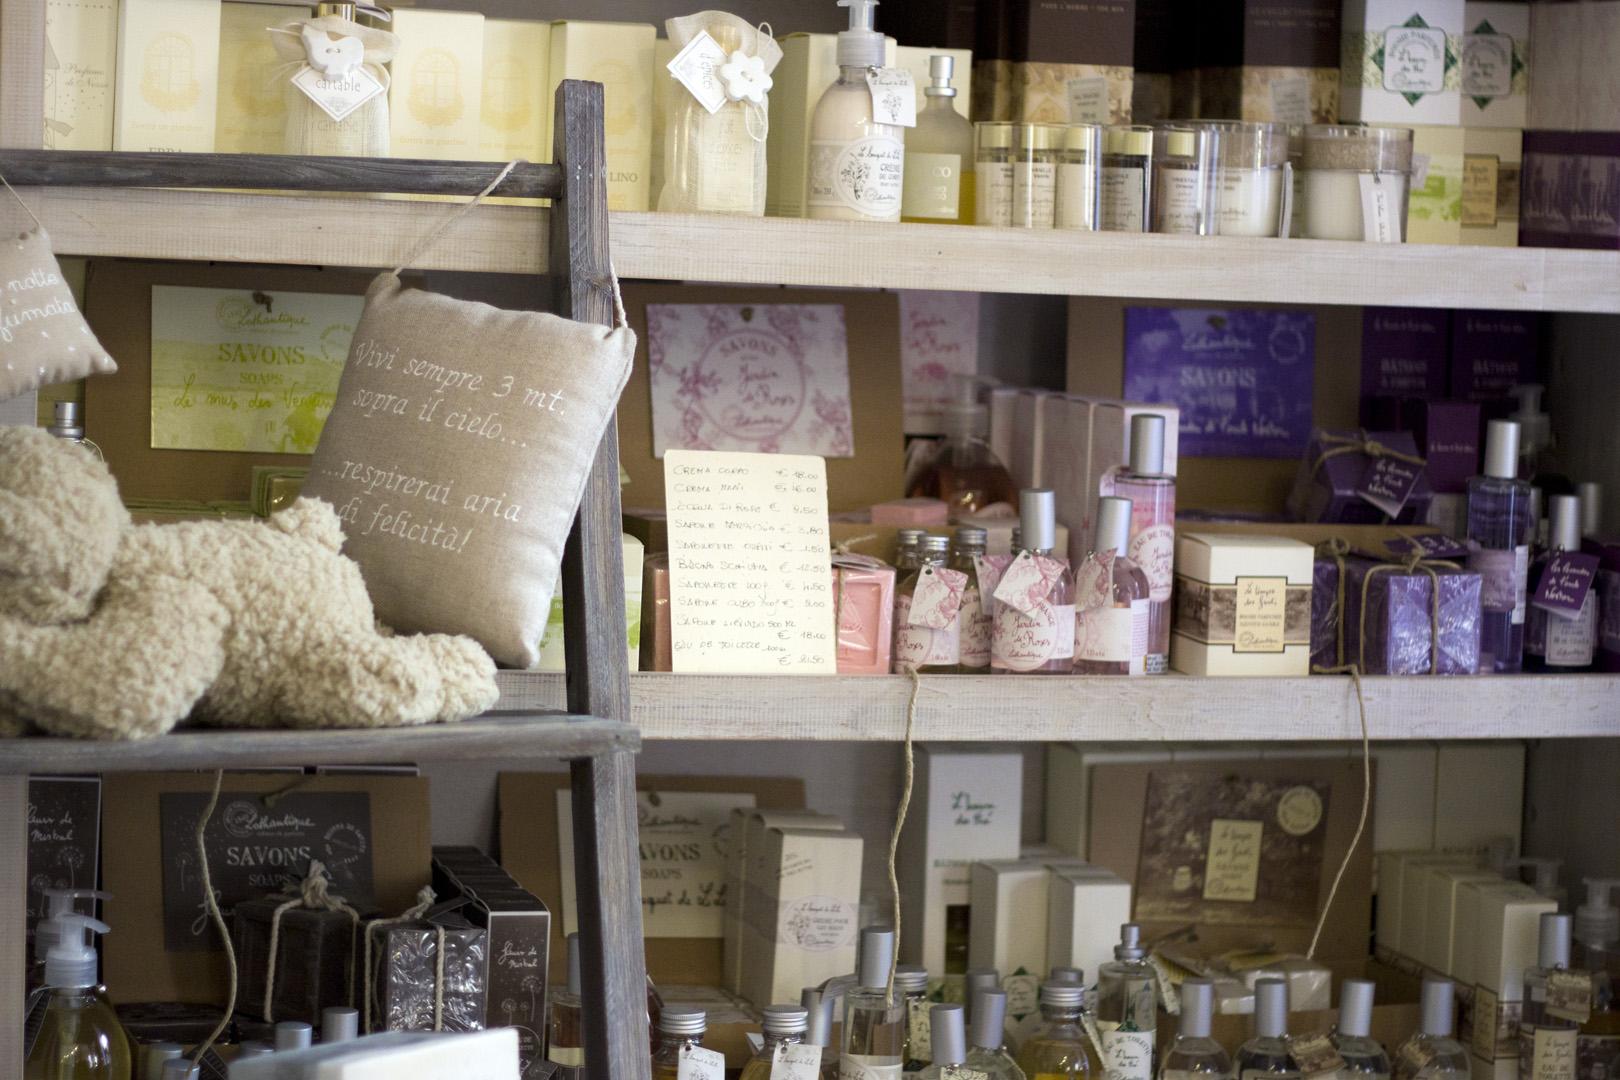 Arredamento provenzale un nuovo negozio on line per arredi oggettistica idee regalo bomboniere for Arredo 3 srl legnago